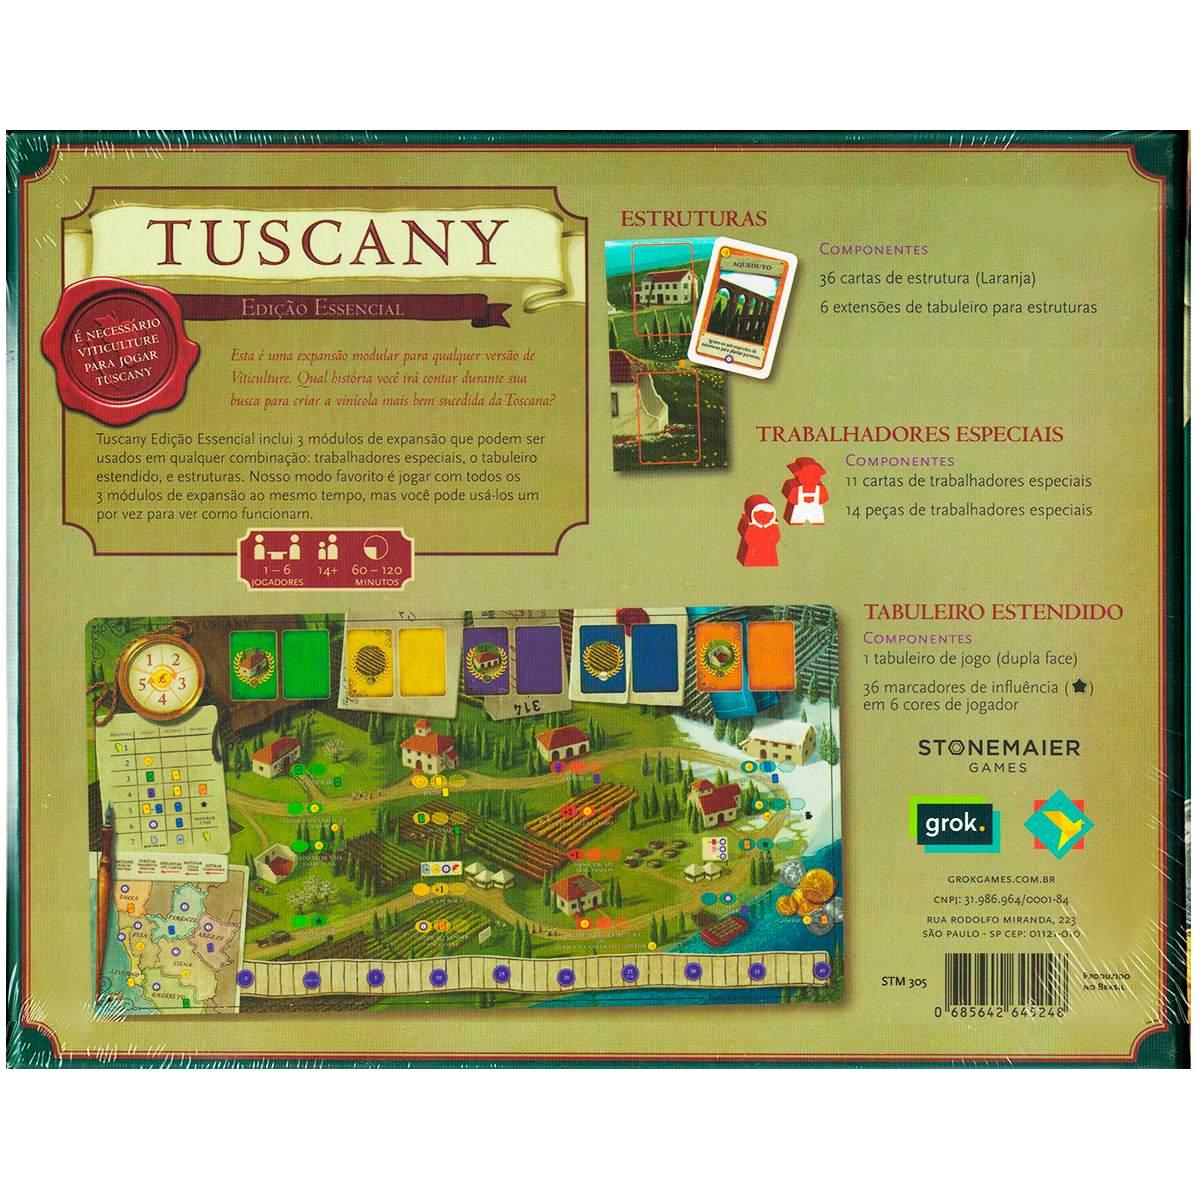 Viticulture Tuscany Edição Essencial Expansão Jogo de Tabuleiro